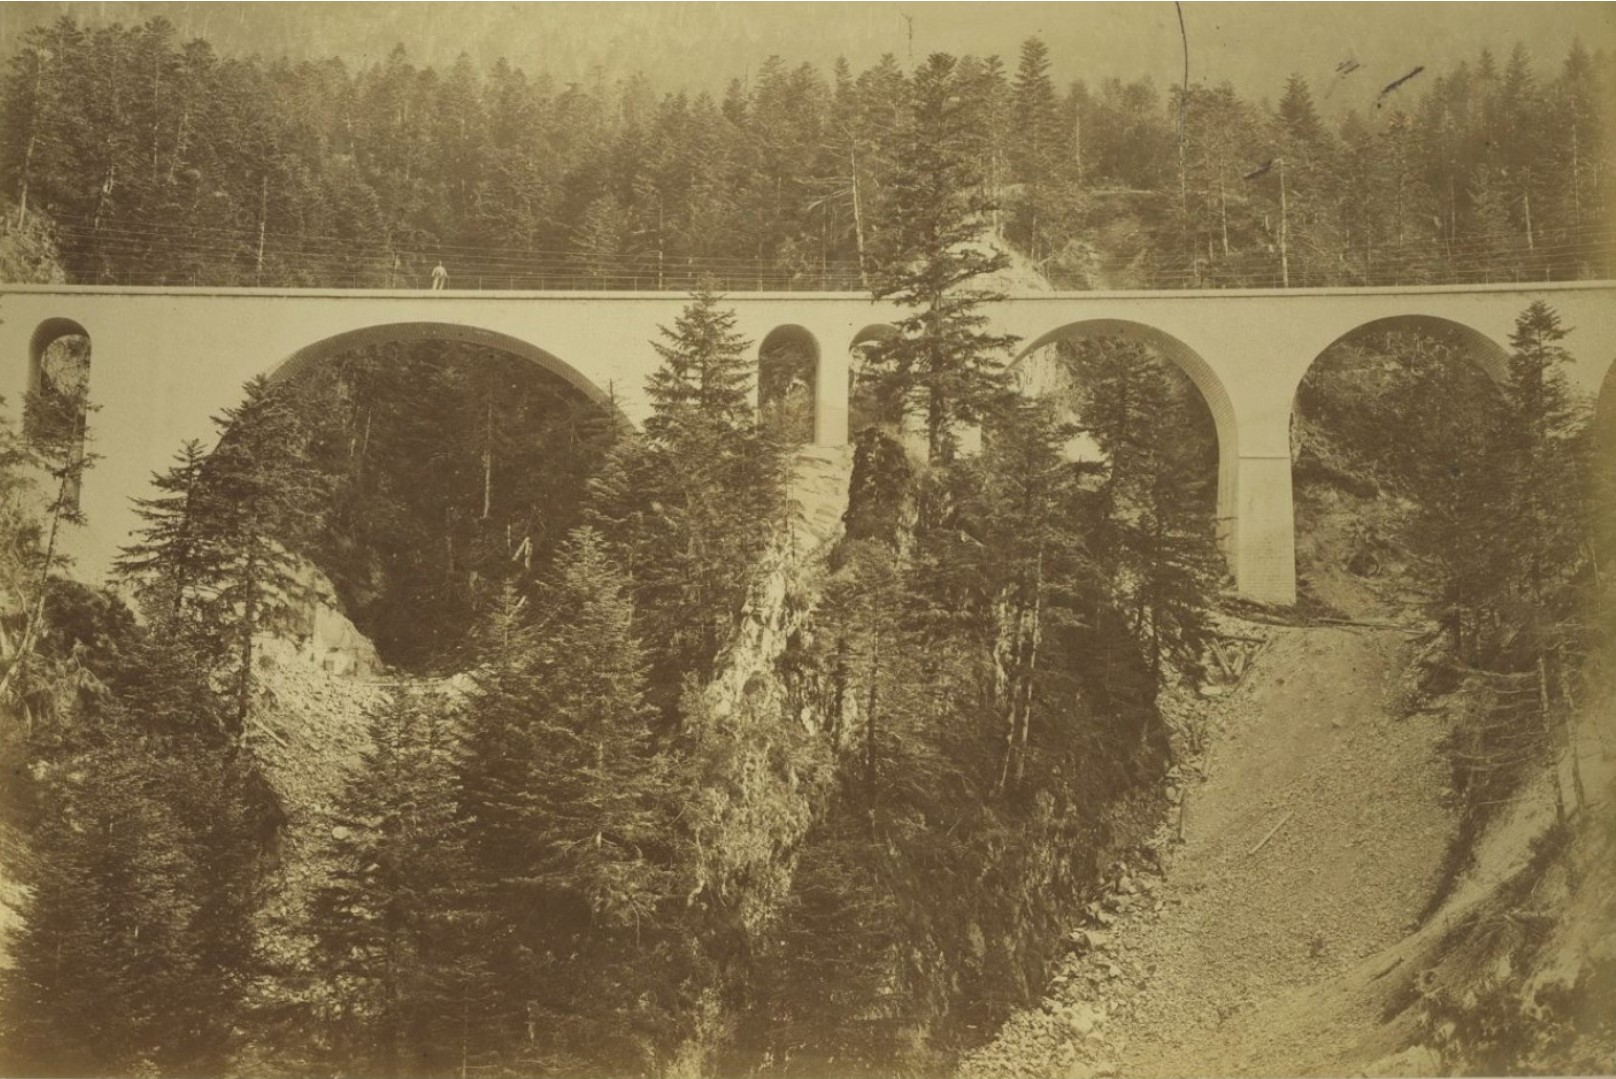 1868. Канталь. Железнодорожный мост